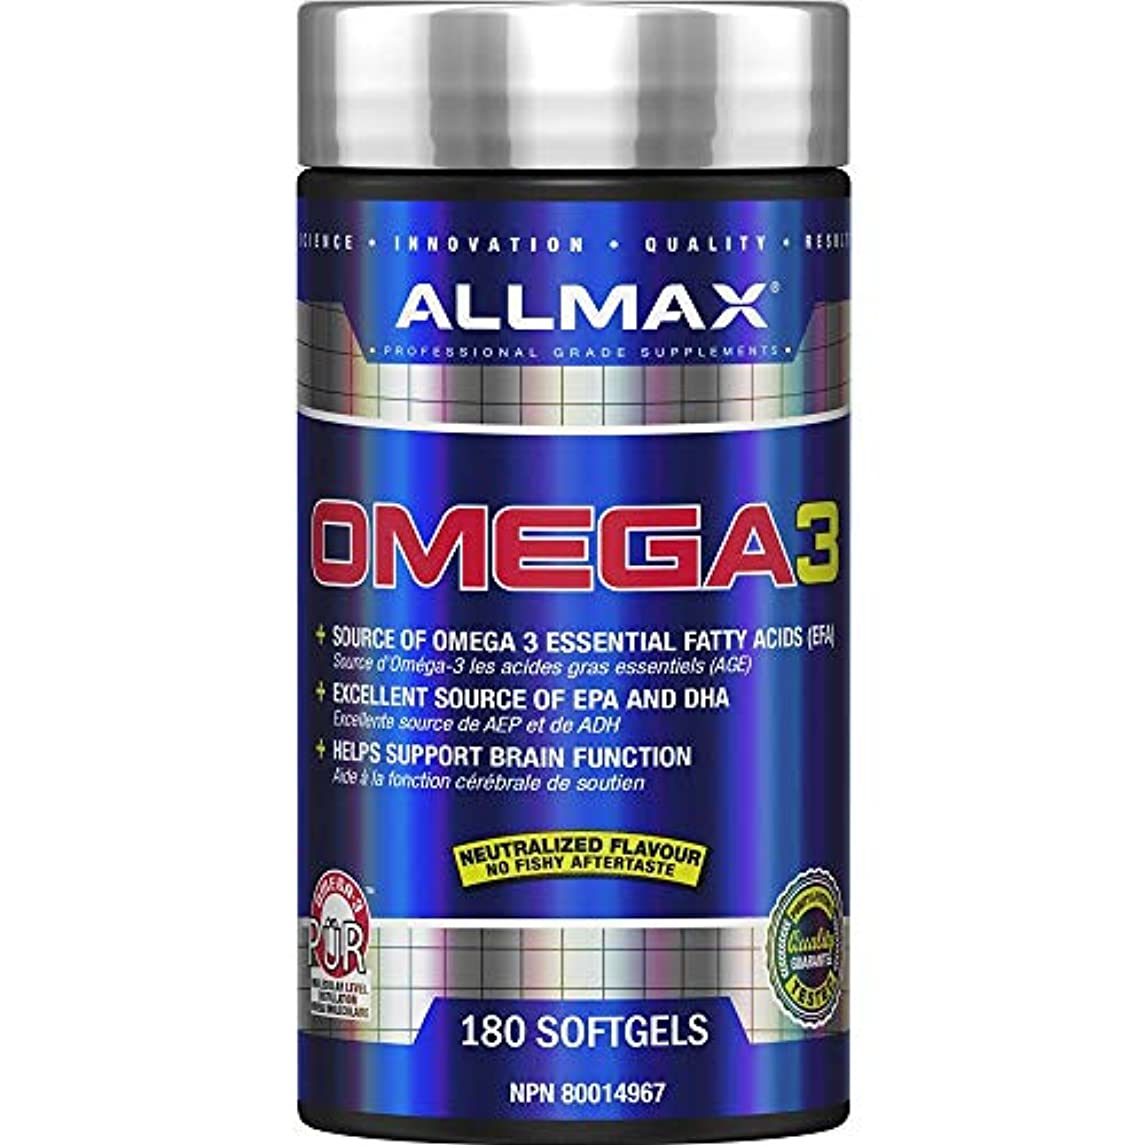 故国連合マーチャンダイザーAllMax Nutrition - Omega 3 冷水魚オイルの集中 - 1ソフトジェル